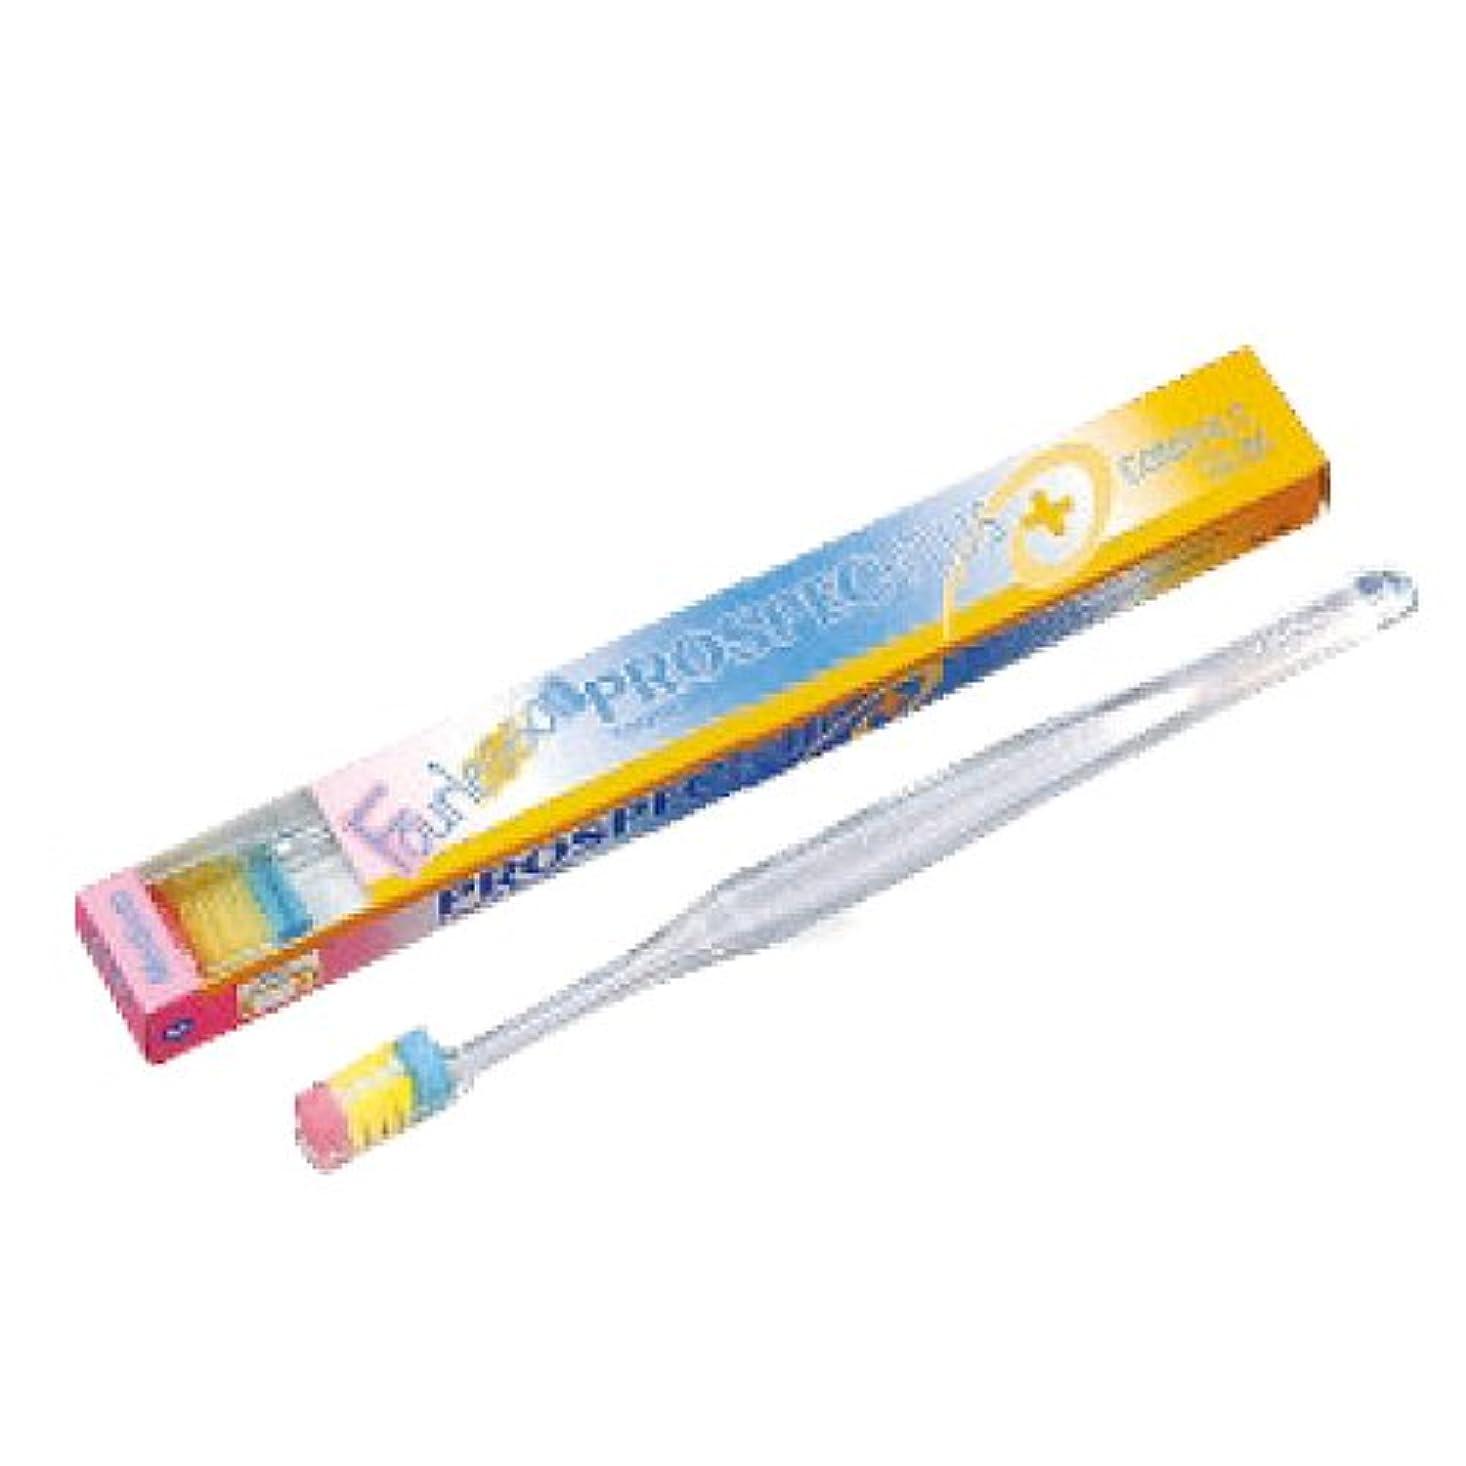 構成員寛大なアンタゴニストプロスペック 歯ブラシ コンパクトスリム 1本 フォーレッスン 毛の硬さ ふつう